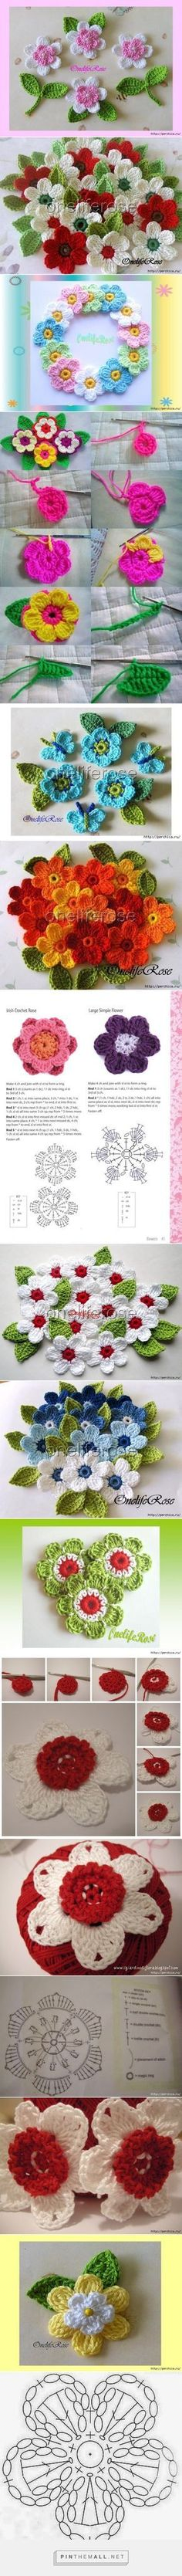 fiori e fiorellini - created via http://pinthemall.net